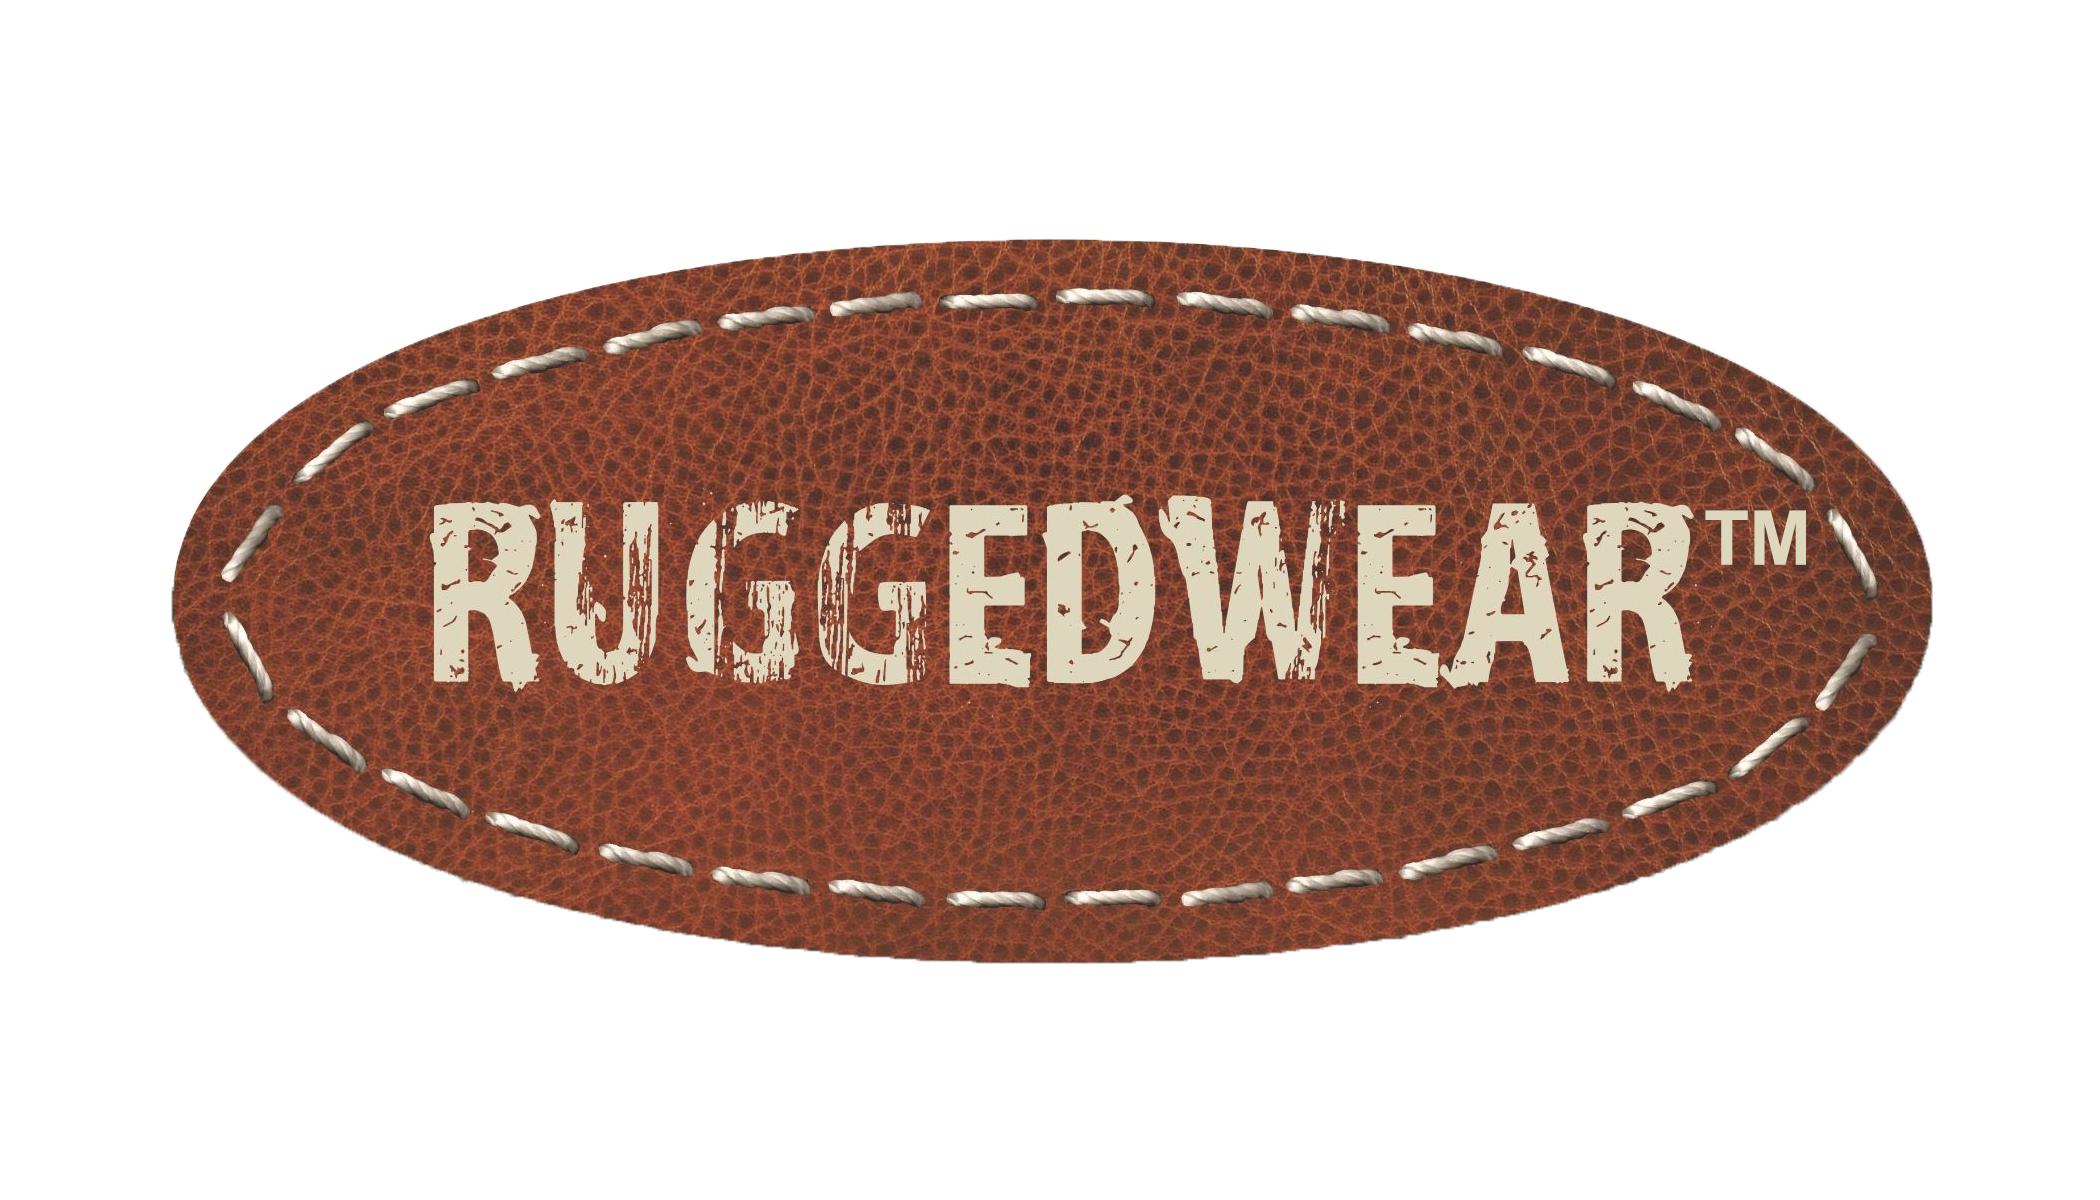 Ruggedwear Logo